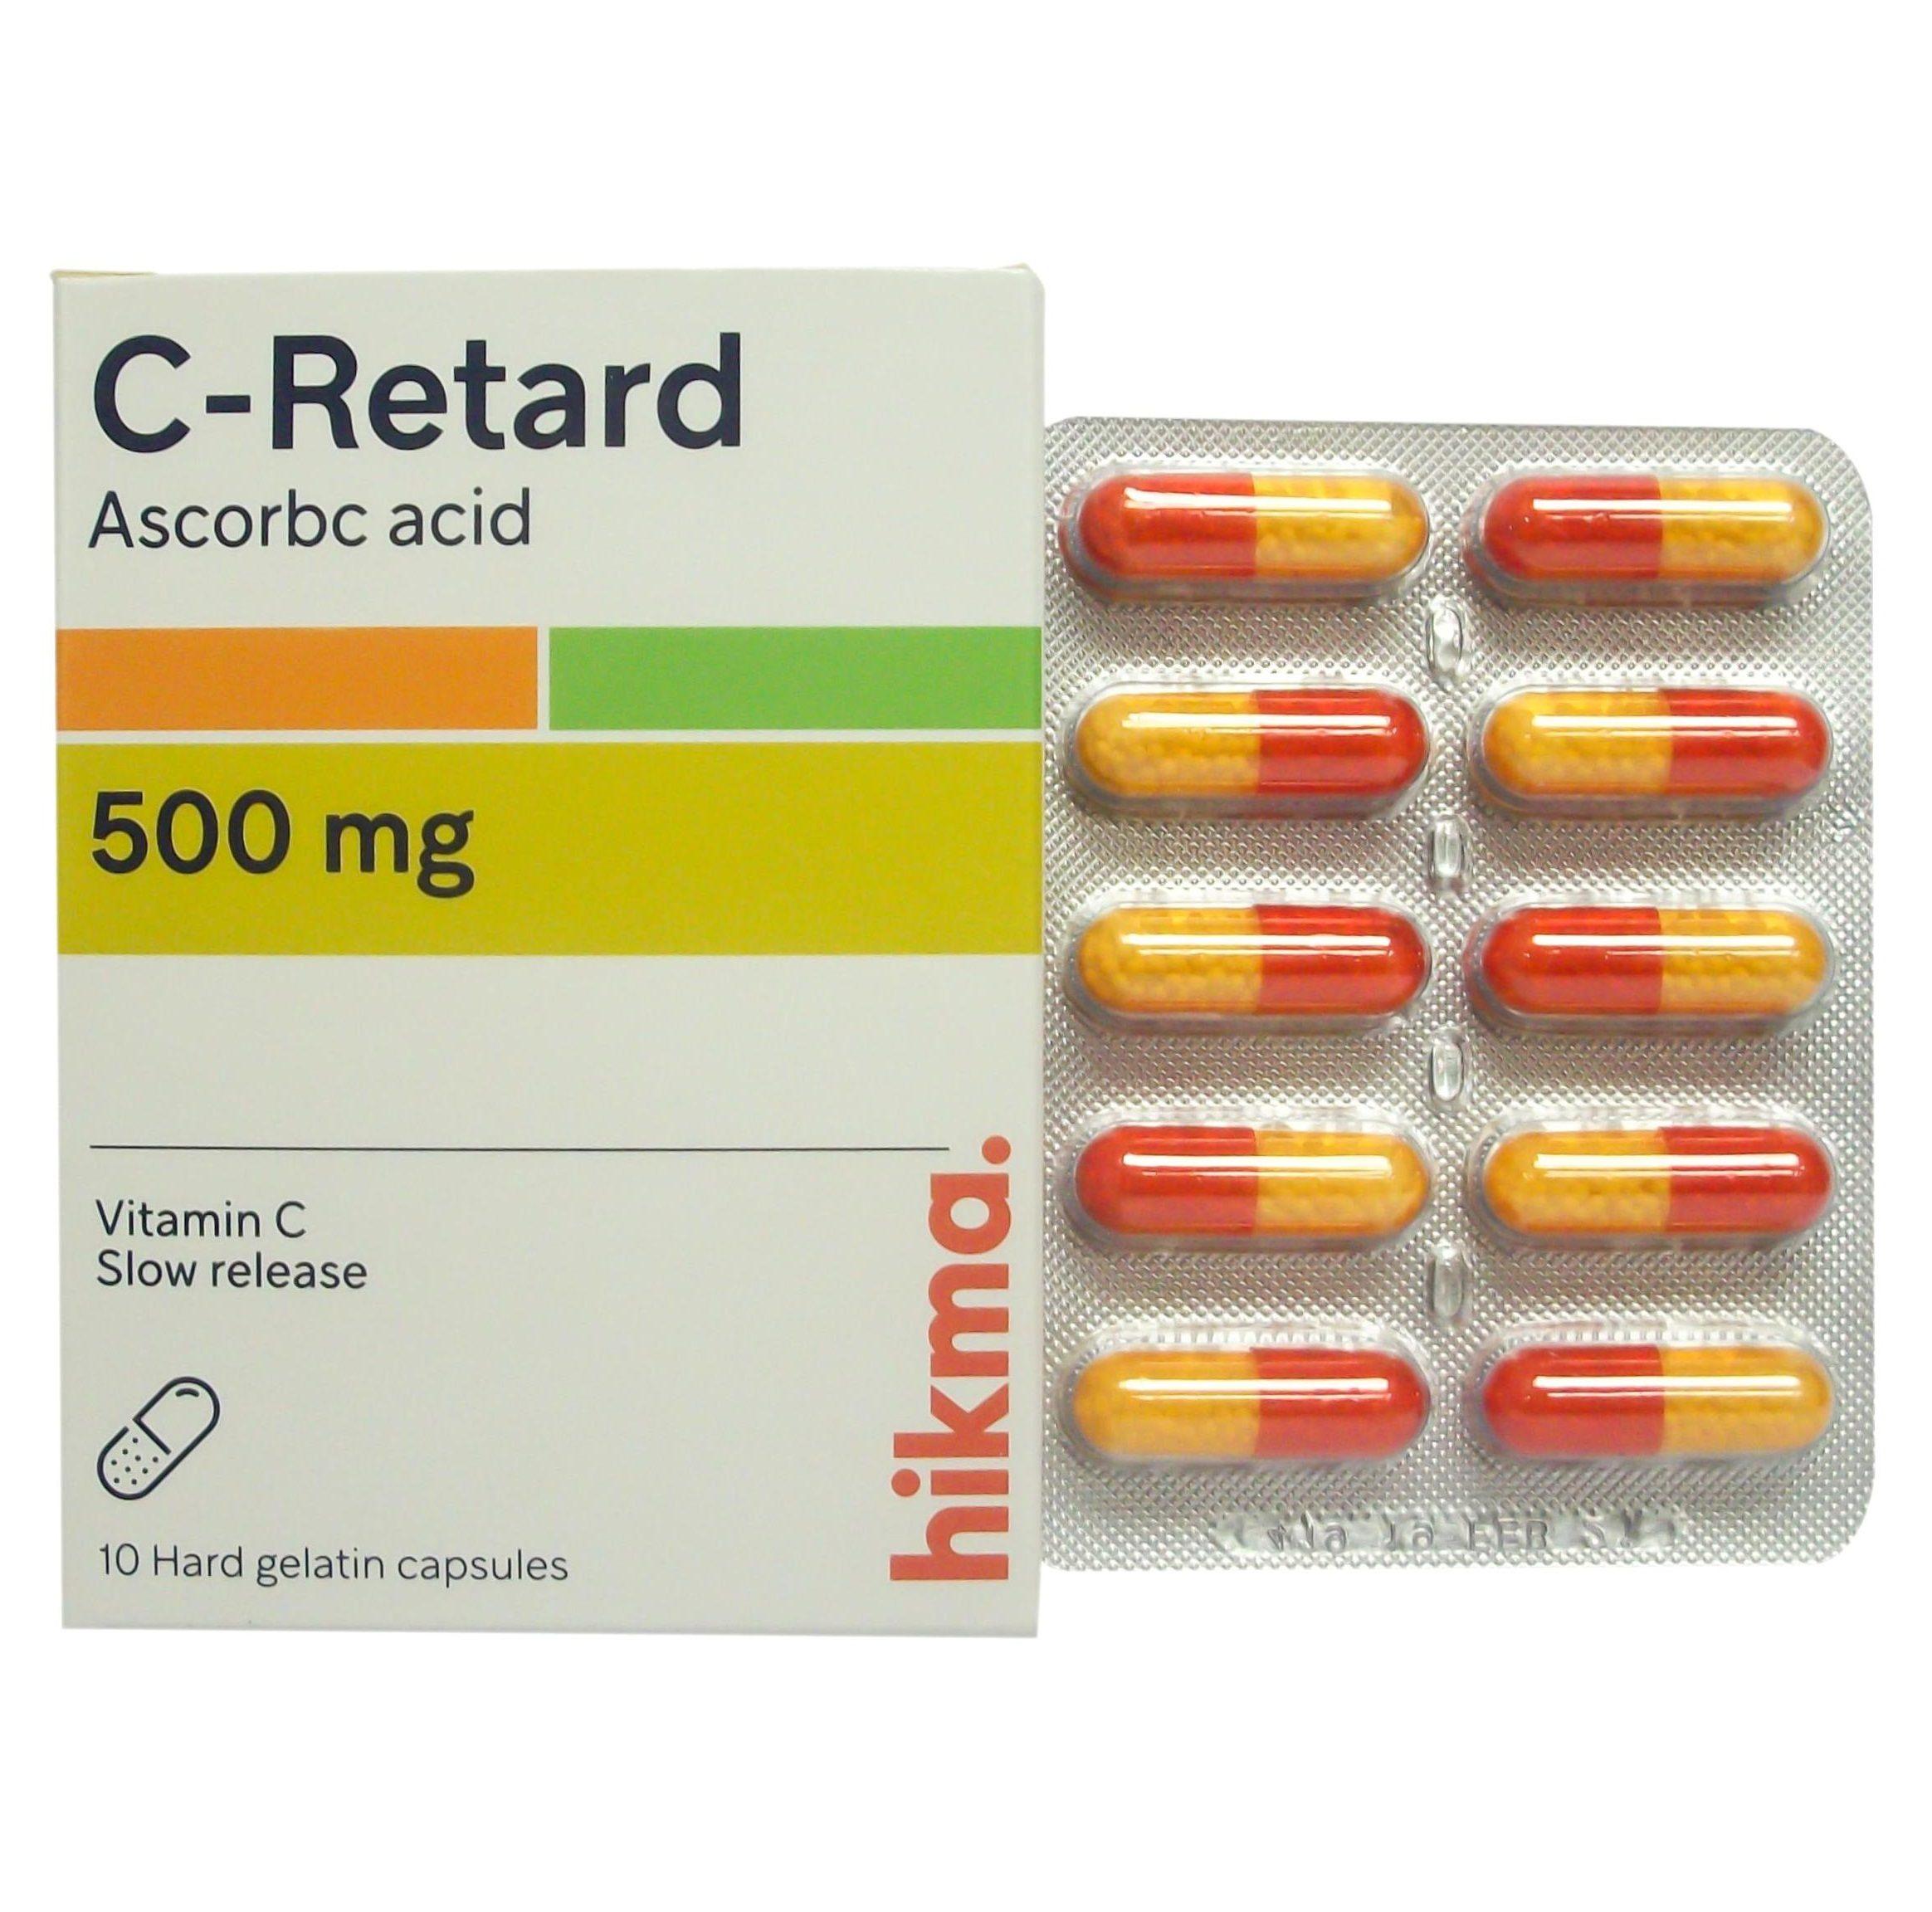 سي ريتارد (C-Retard) لعلاج نزلات البرد والانفلونزا